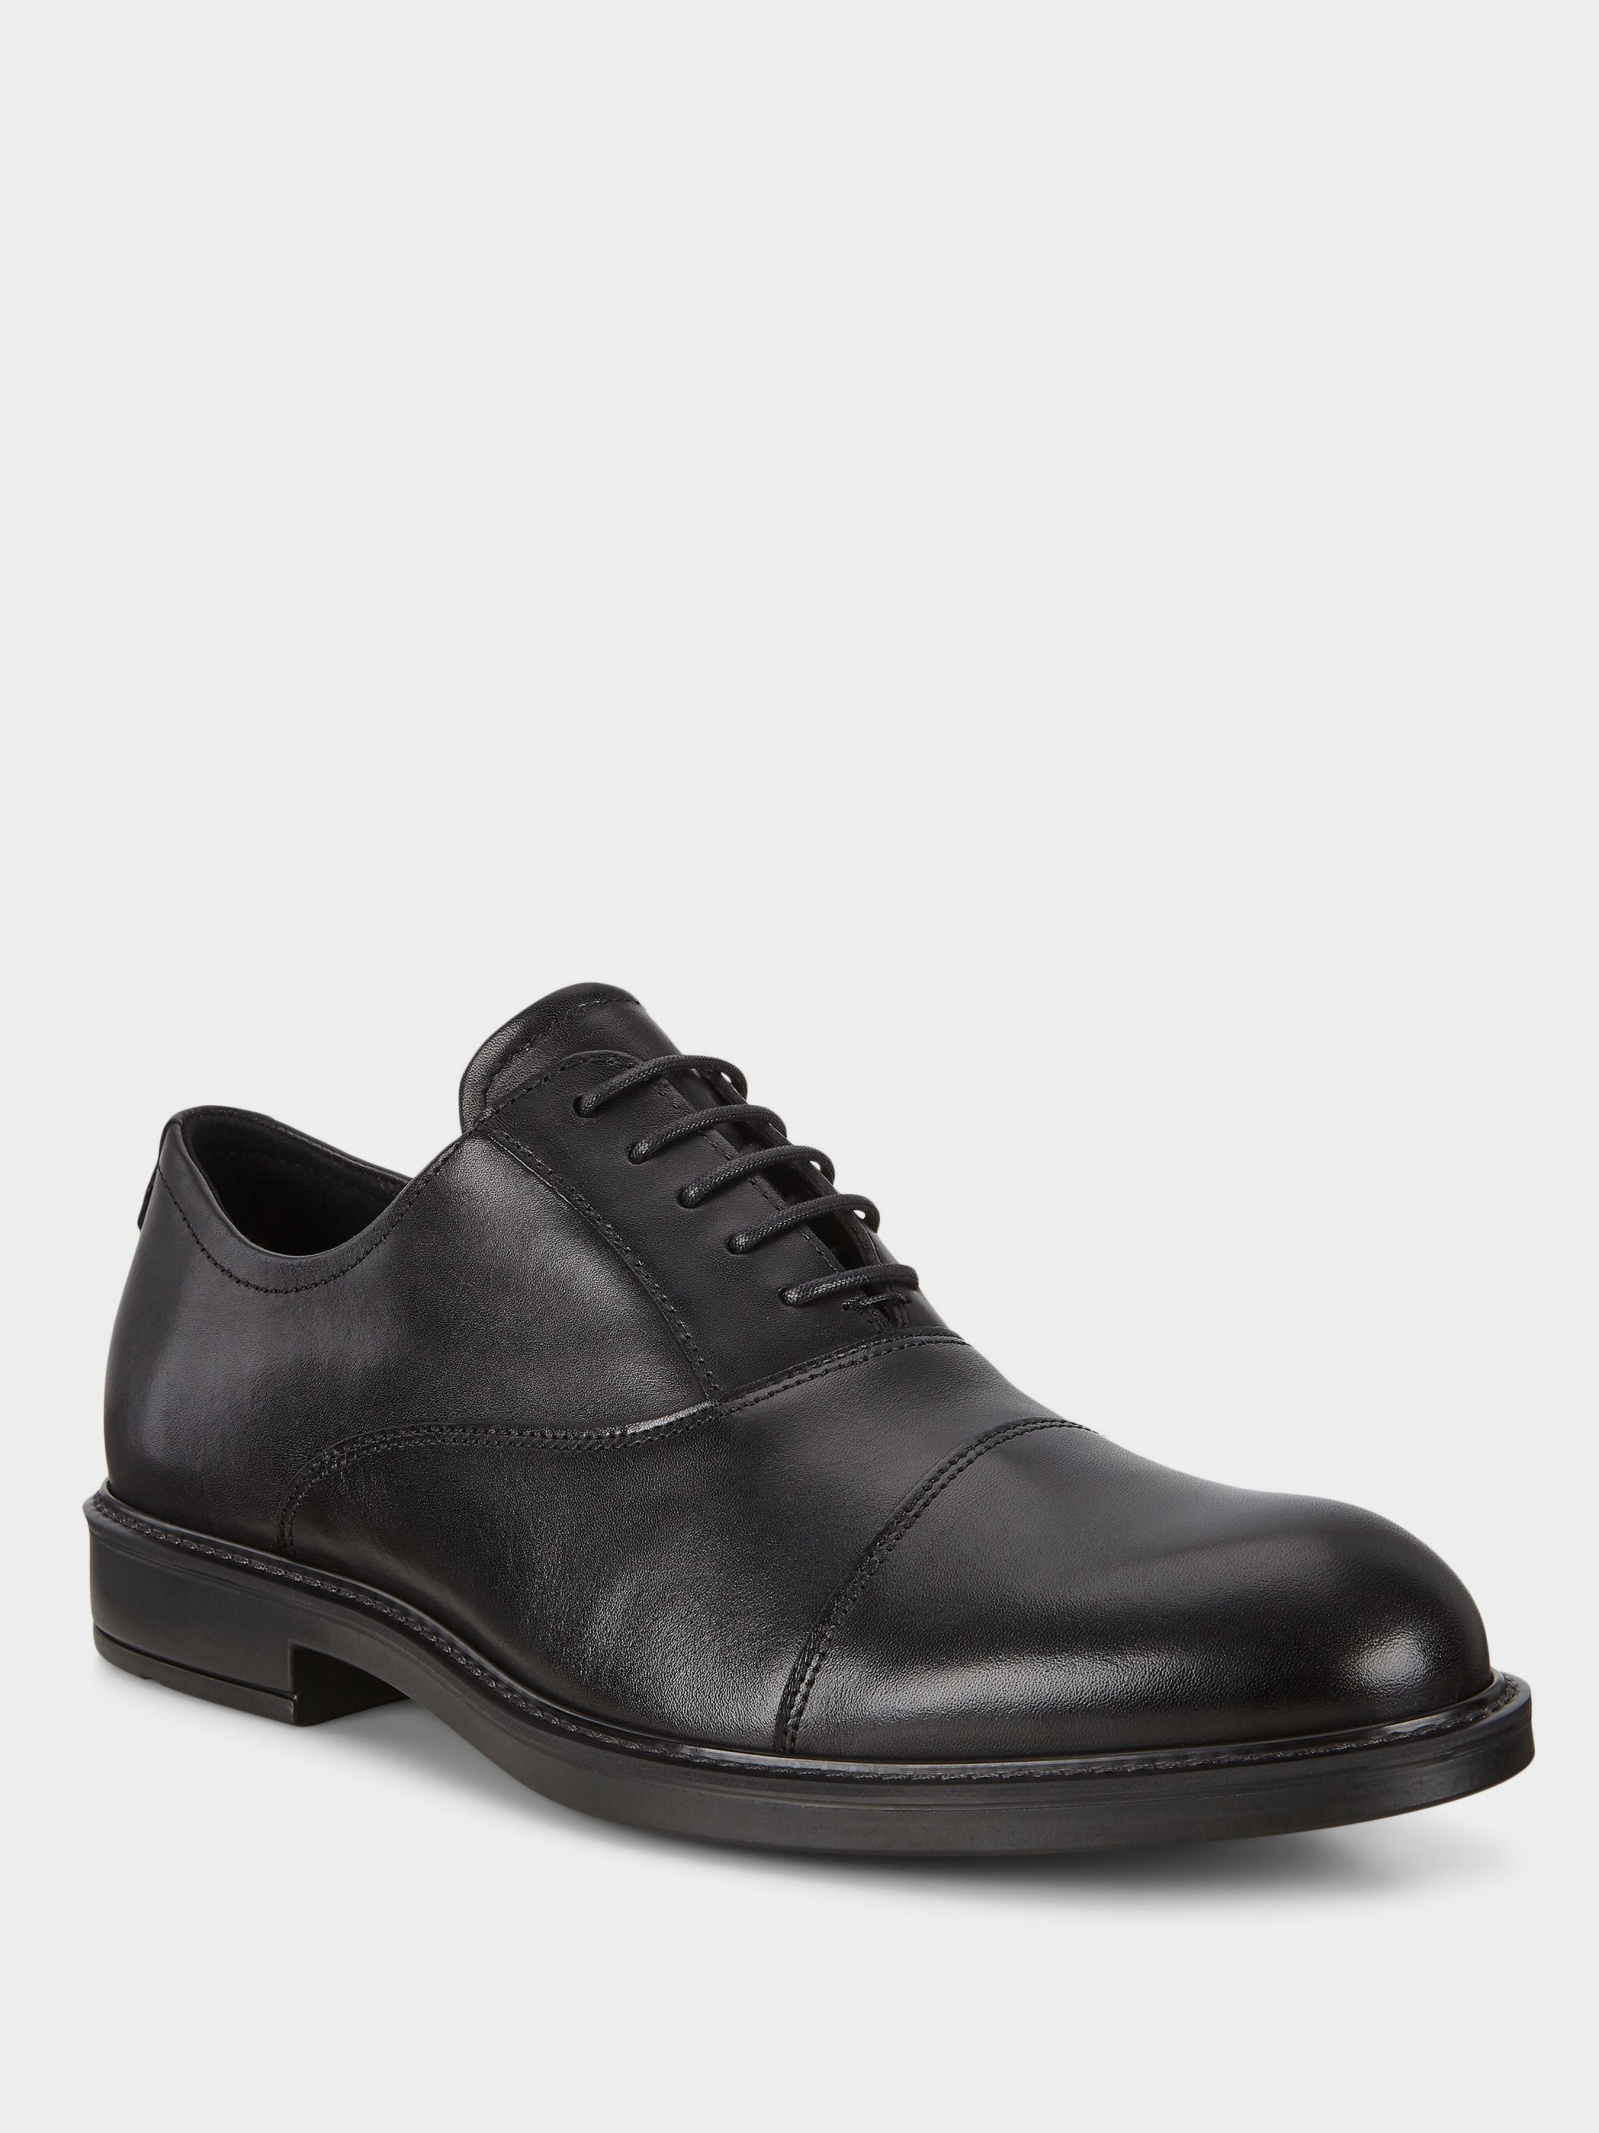 Туфлі  для чоловіків ECCO 64061401001 вартість, 2017